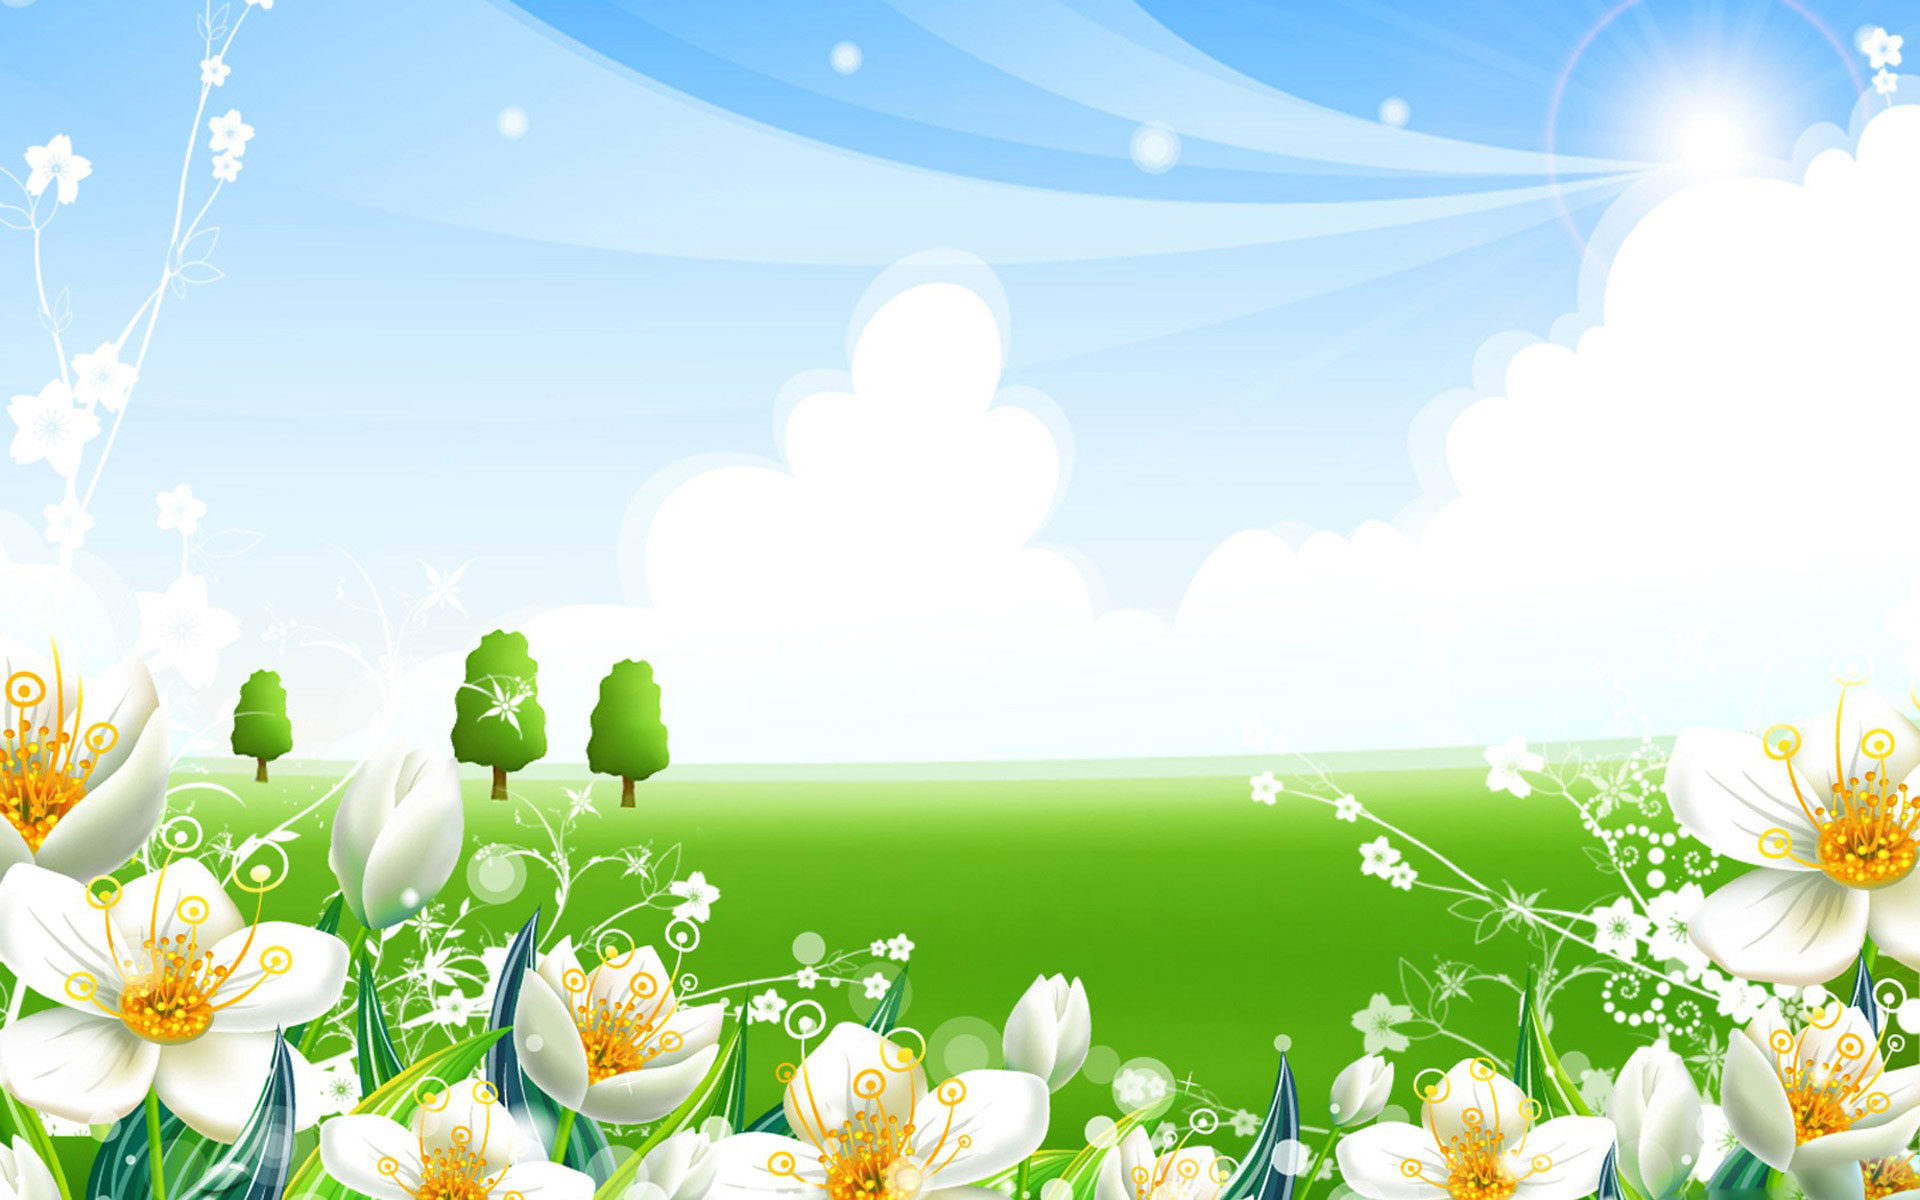 summer flower wallpaper, скачать фото, лето, ромашки, цветы, поляна